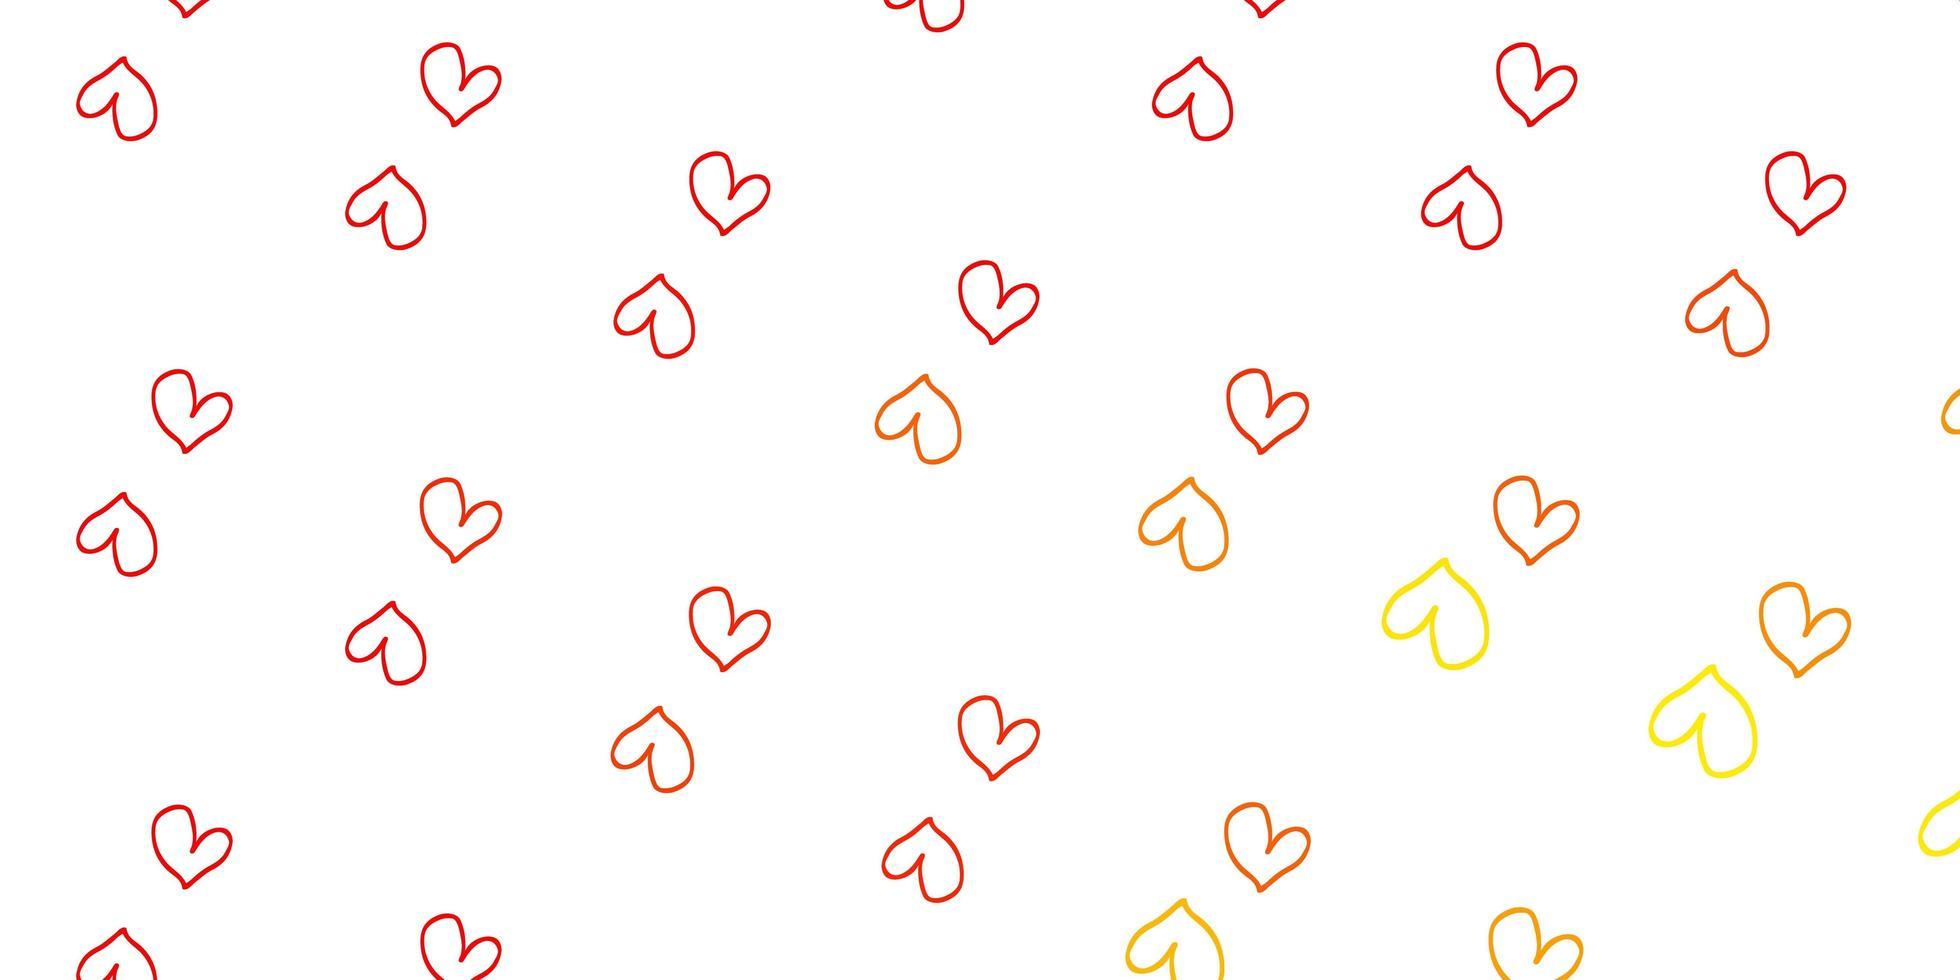 hellrote, gelbe Vektorbeschaffenheit mit schönen Herzen. vektor